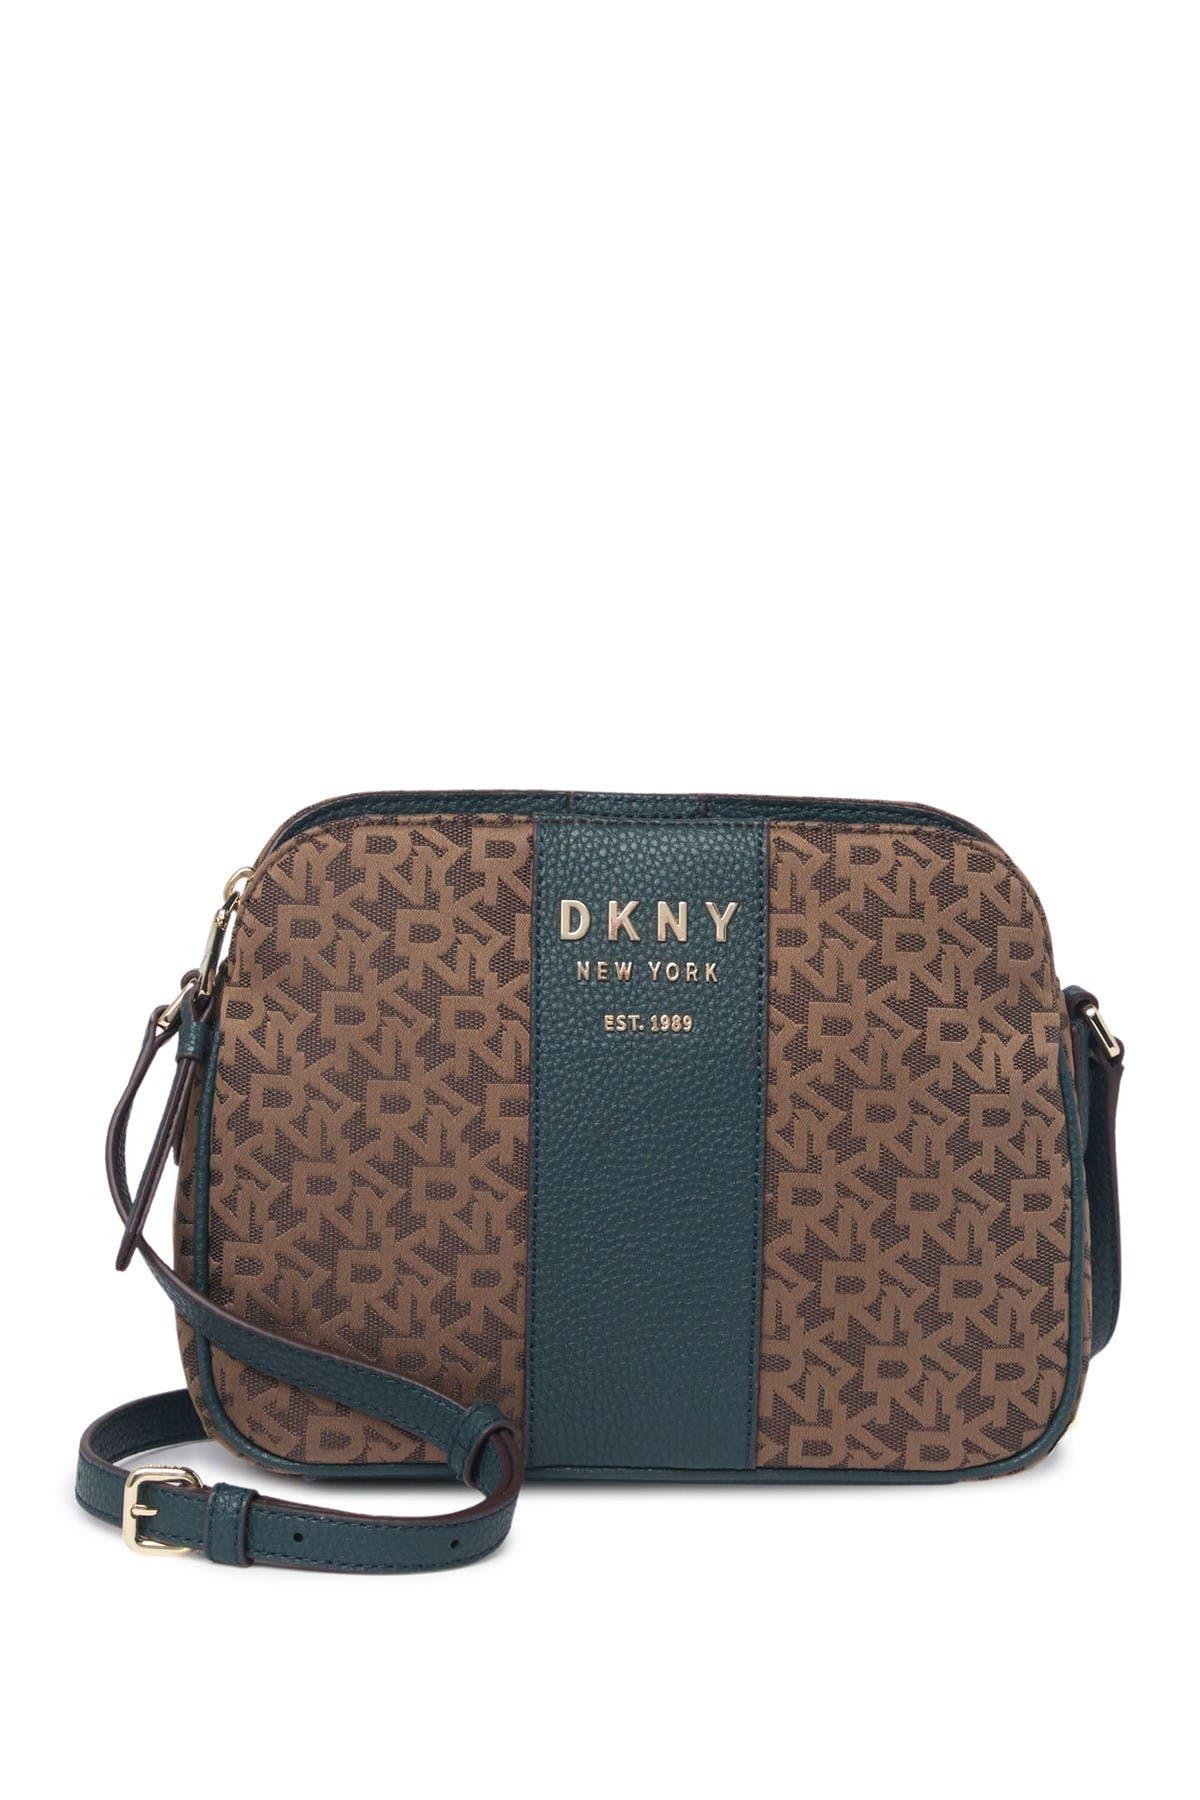 Image of DKNY Noho Logo Print Crossbody Bag